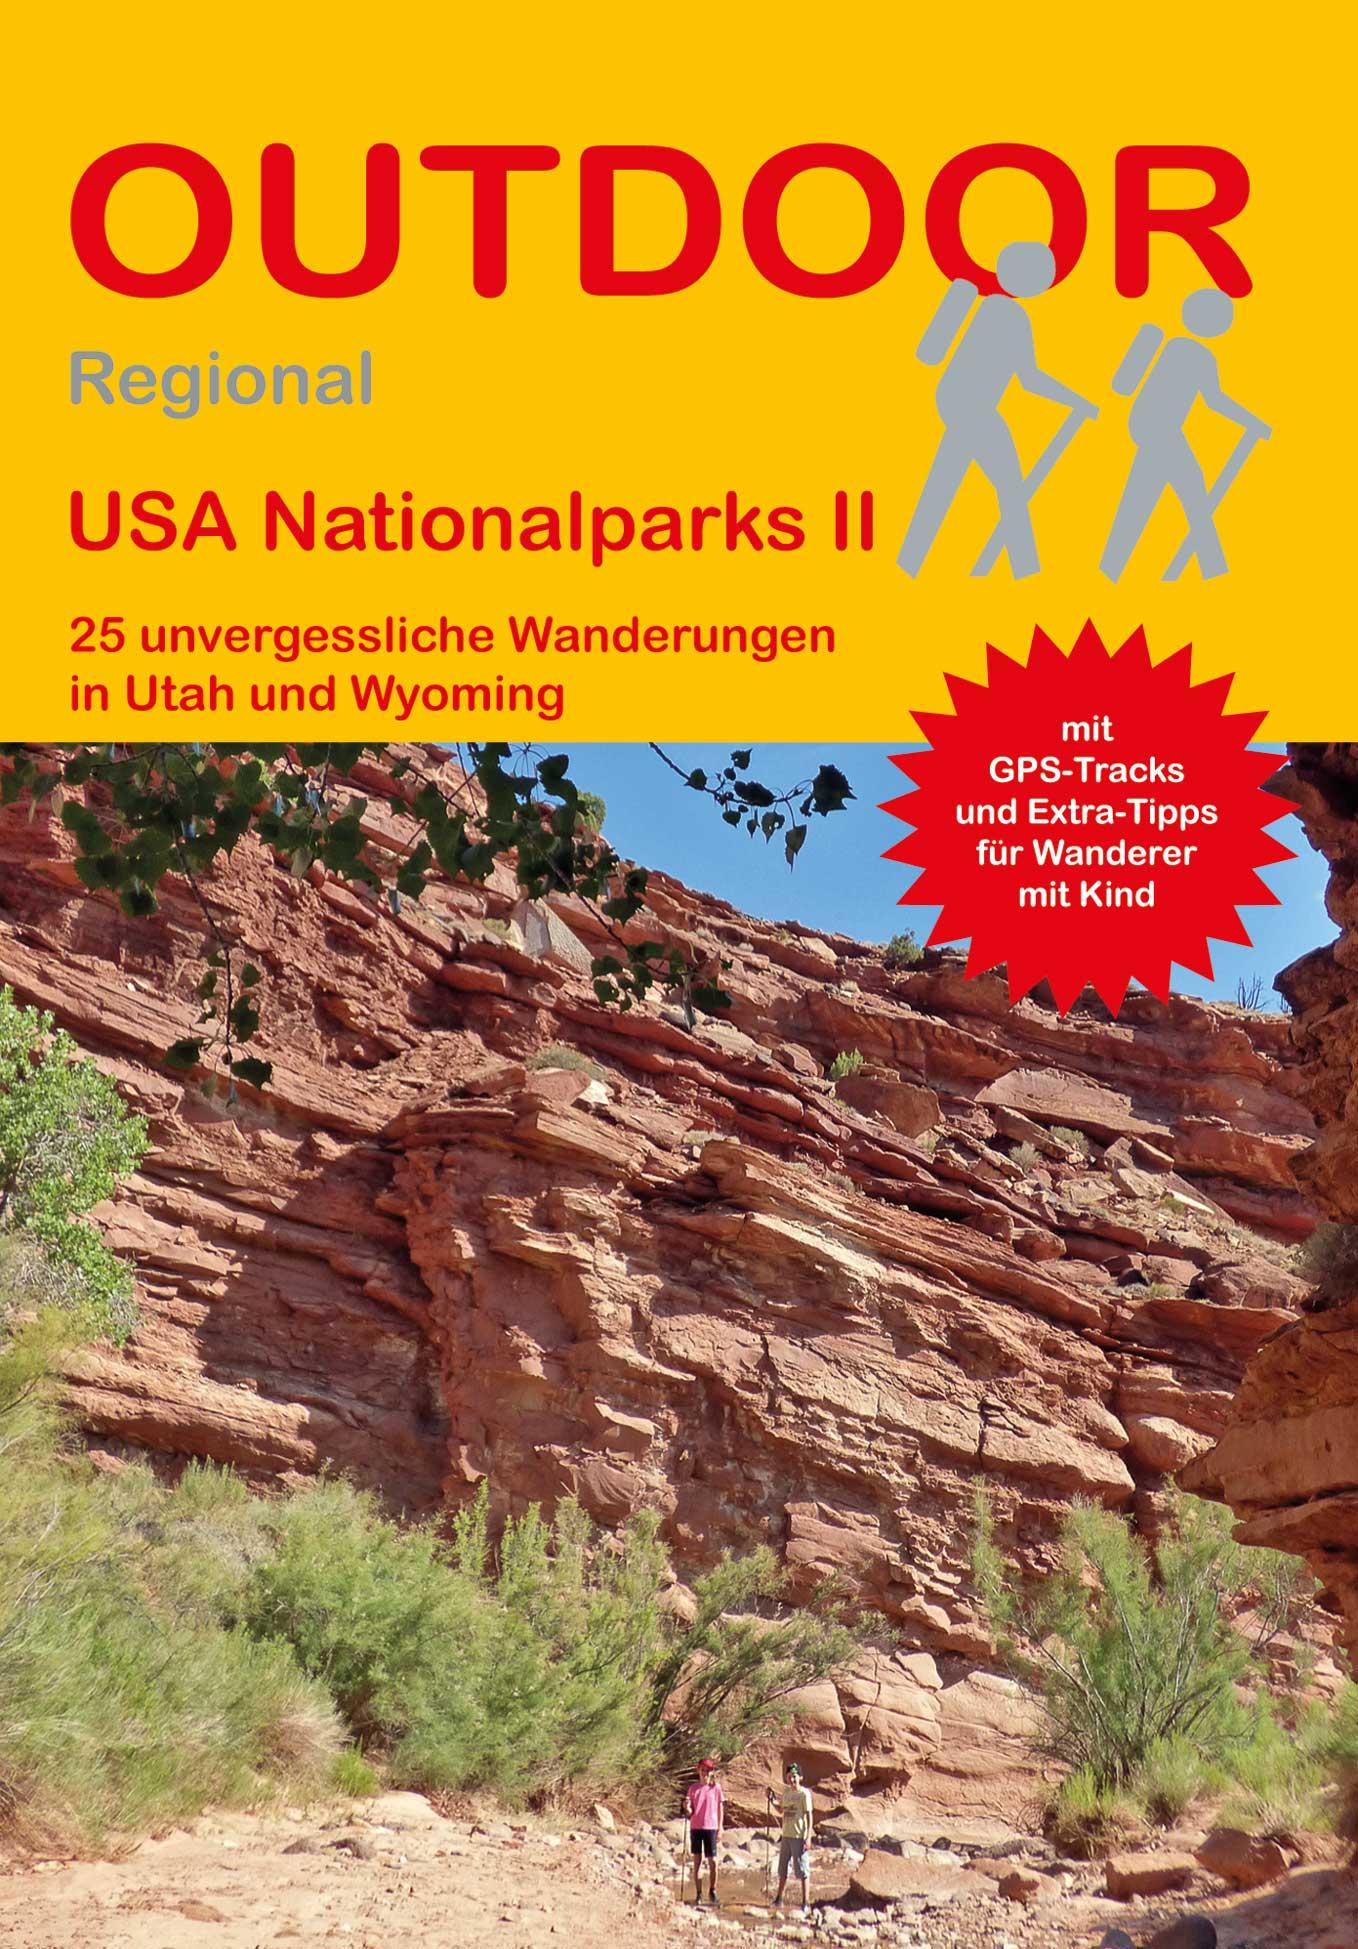 USA Nationalparks II